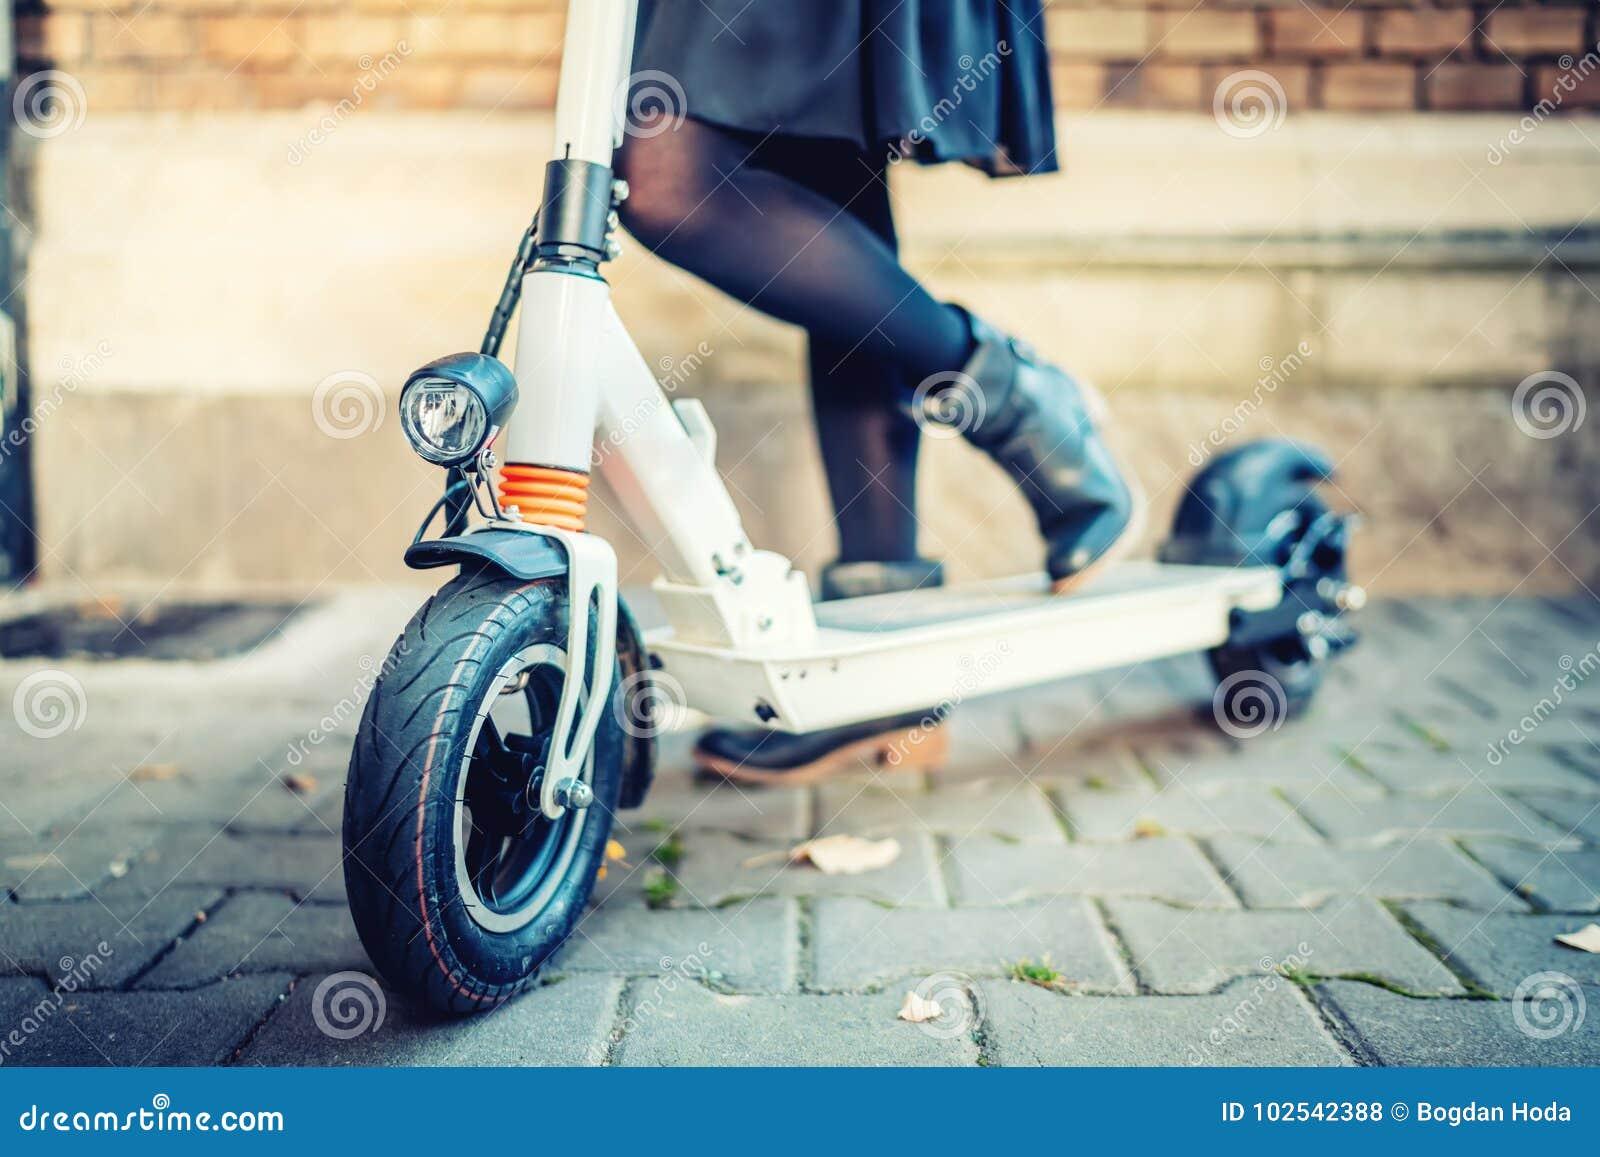 Dettagli di trasporto moderno, motorino elettrico di scossa, ritratto della ragazza che guida il trasporto della città